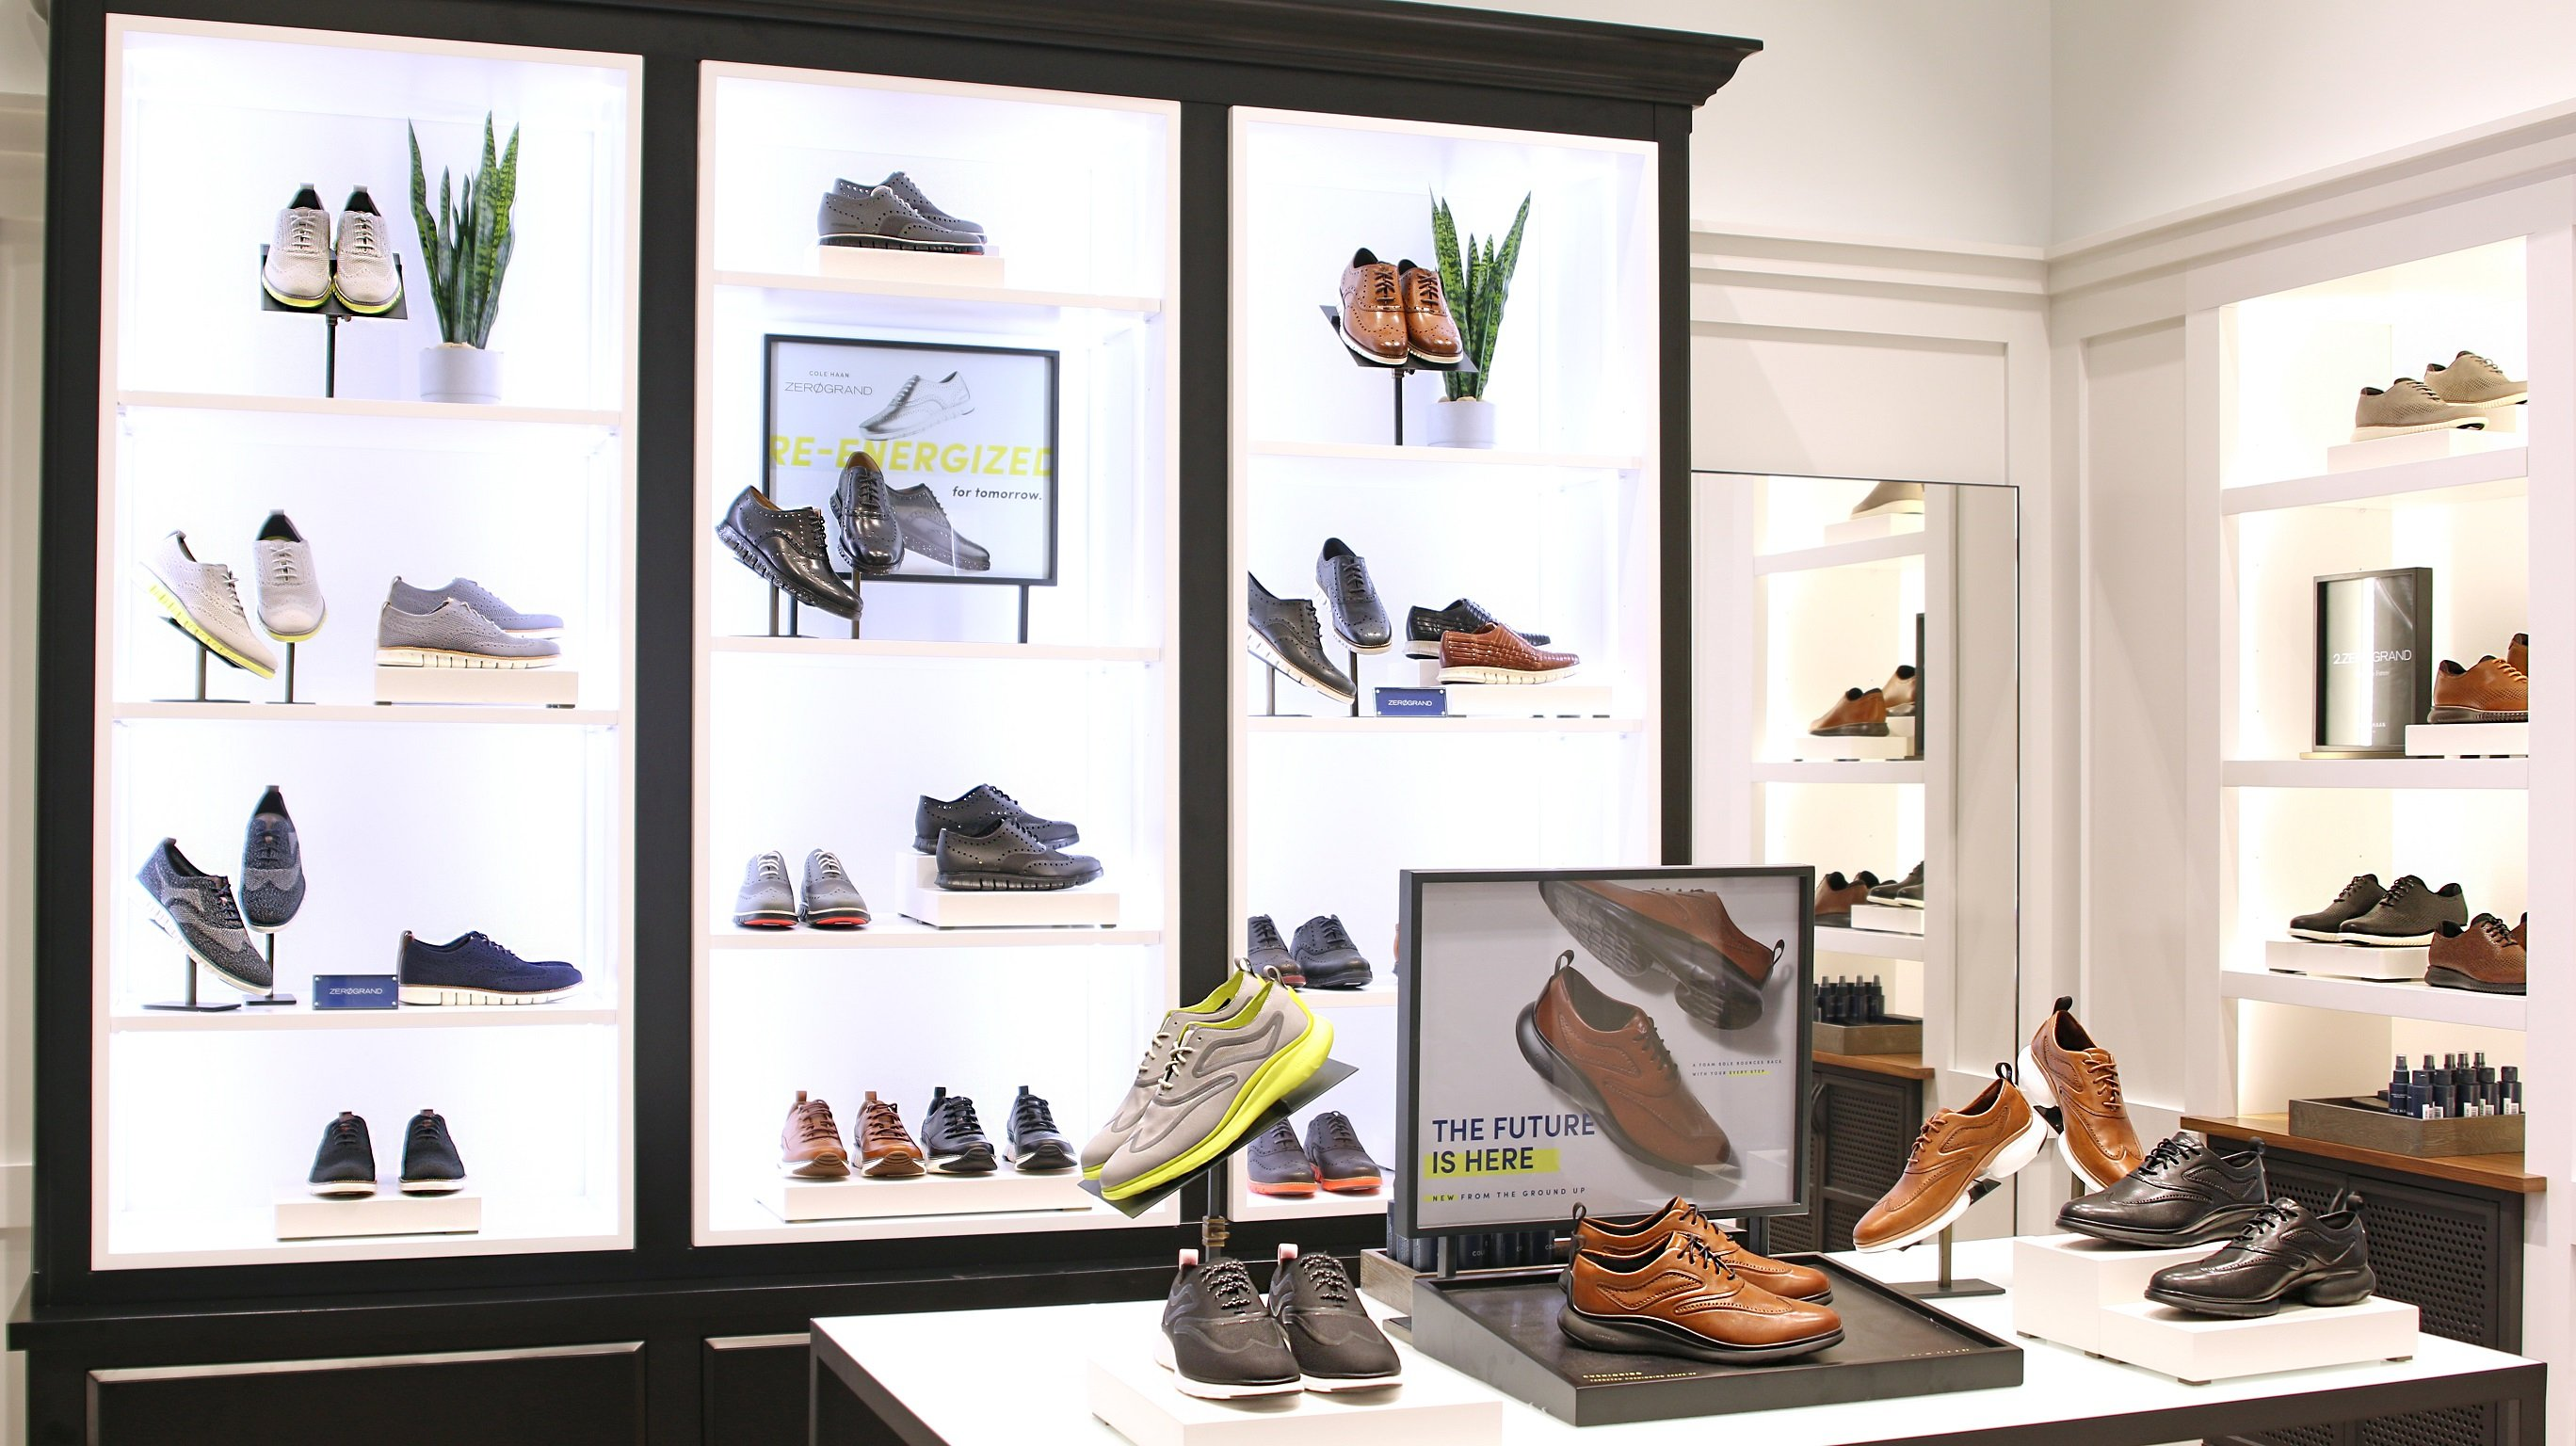 06bfbdd13 سيضمّ المتجر المجموعة الحديثة للجيل الجديد من الأحذية النسائية والرجالية من  موديل